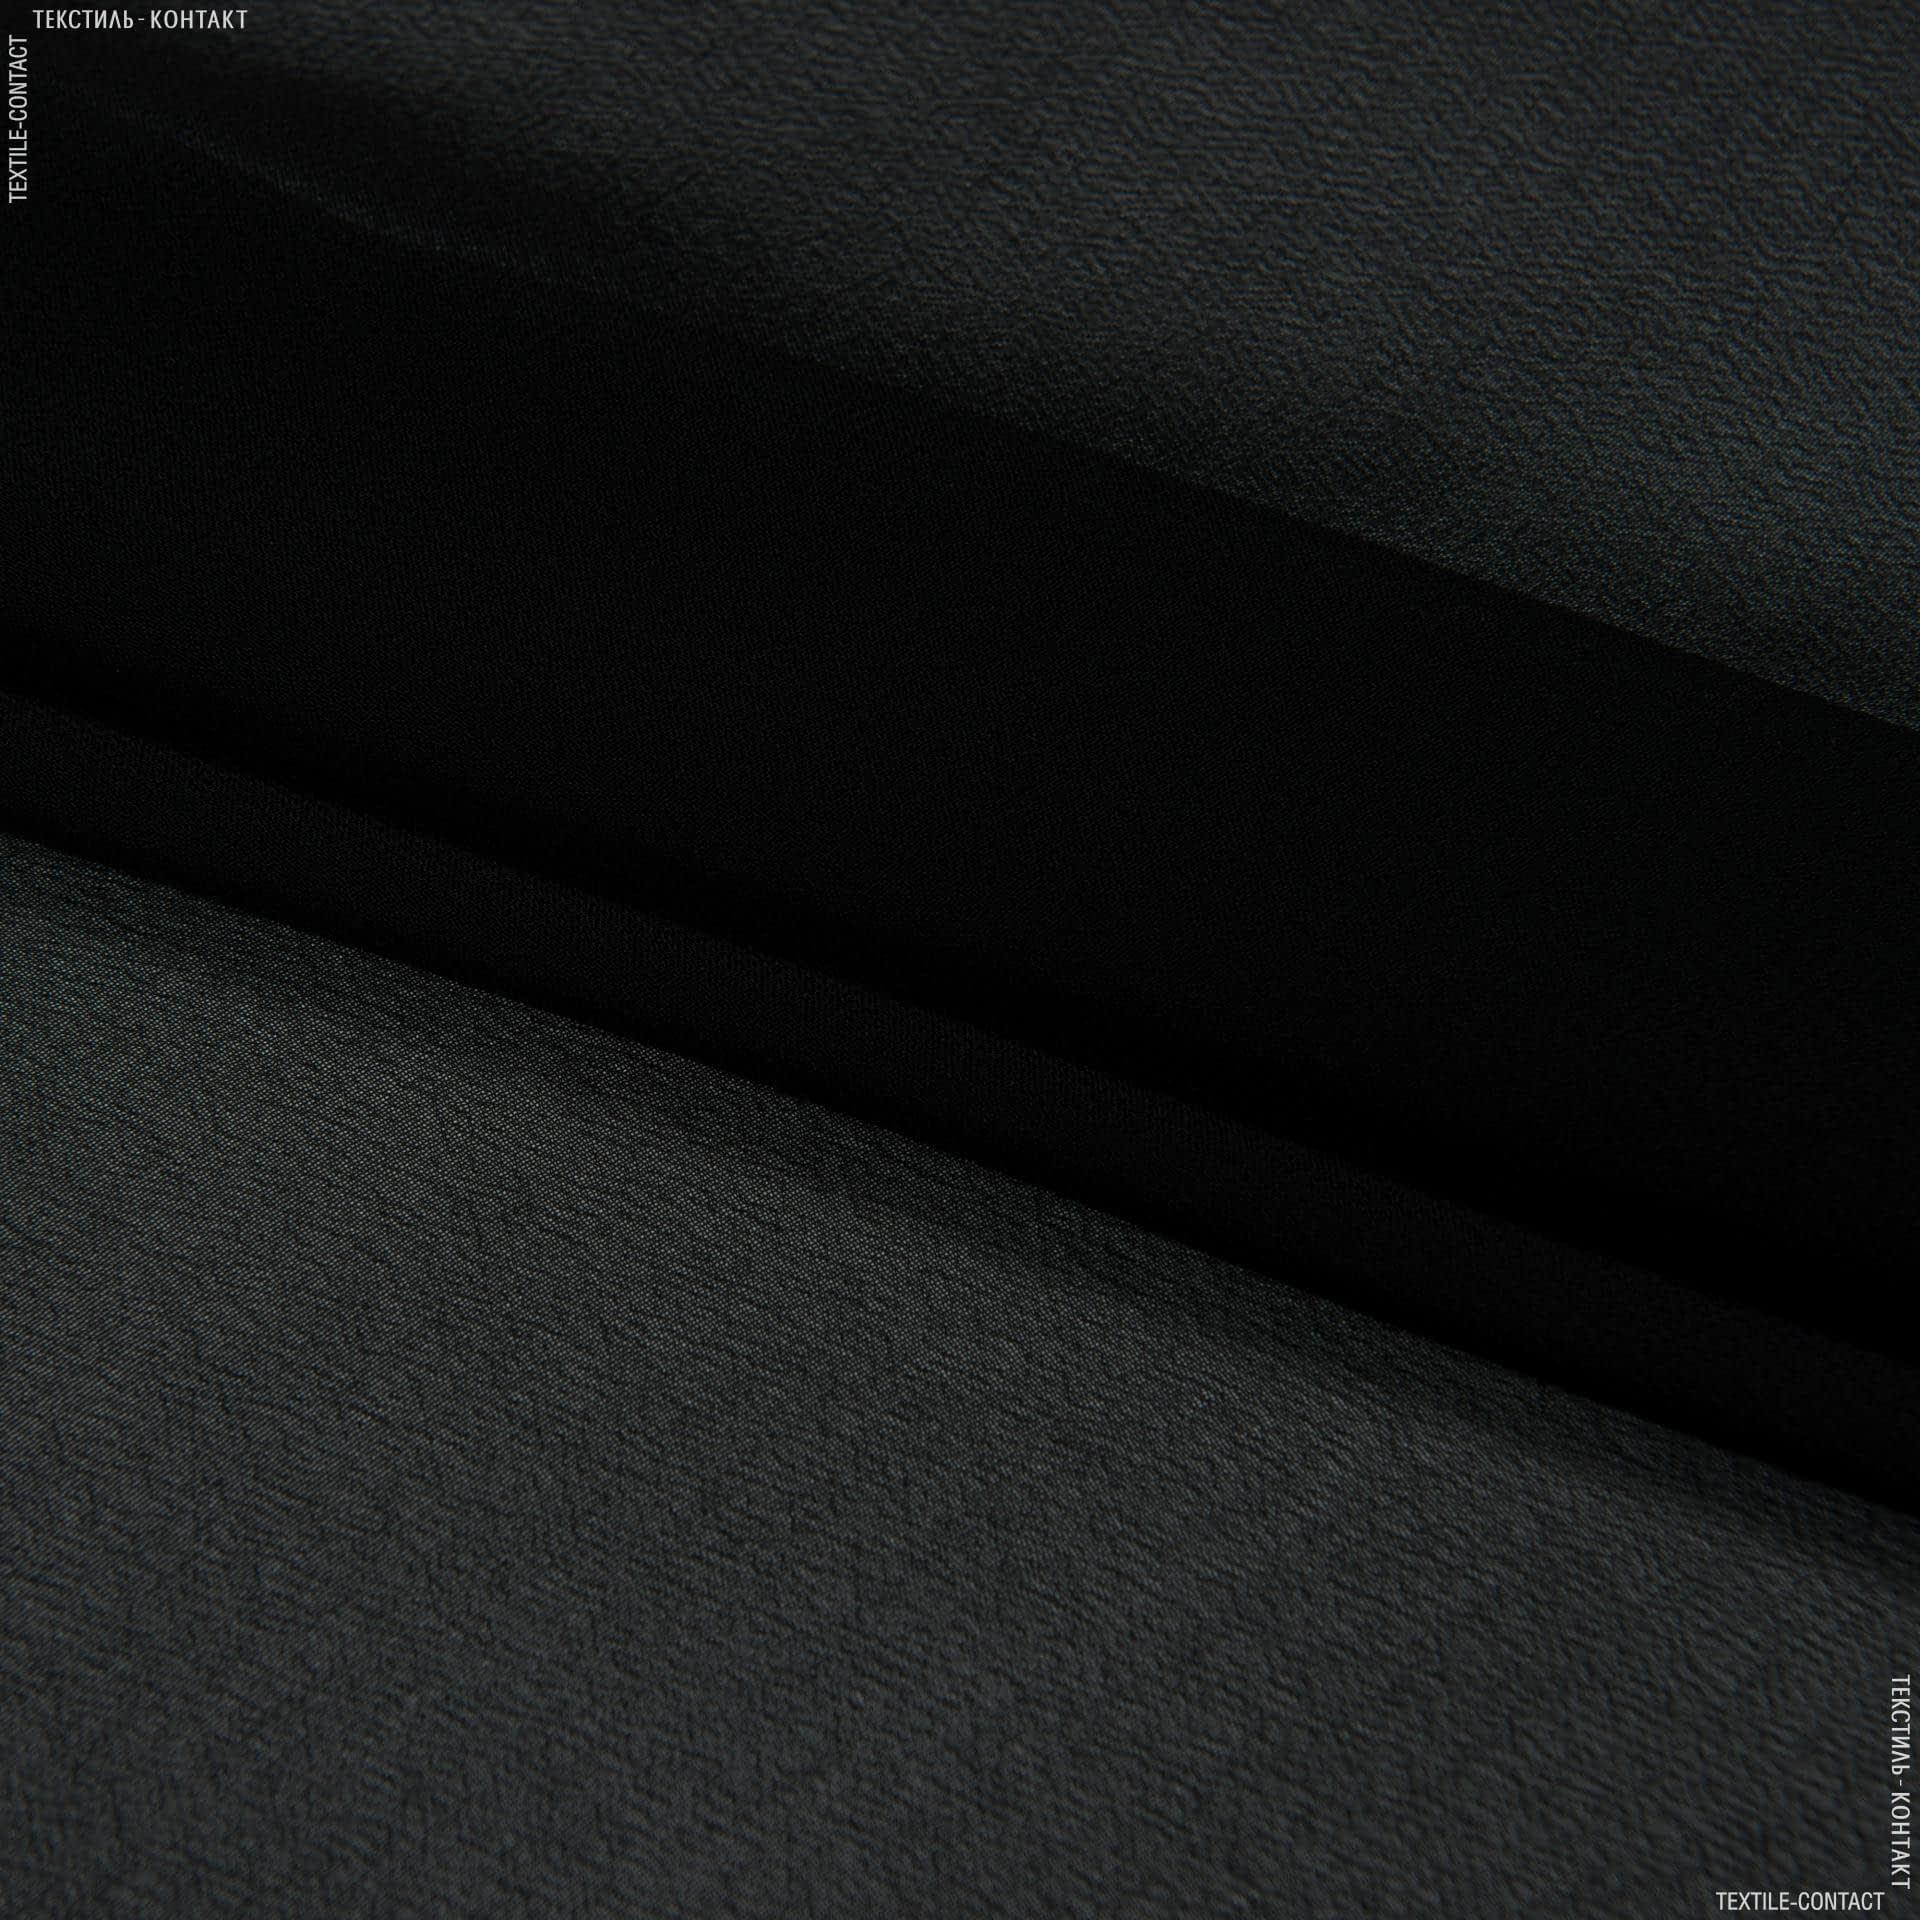 Тканини для хусток та бандан - Шифон мульті чорний